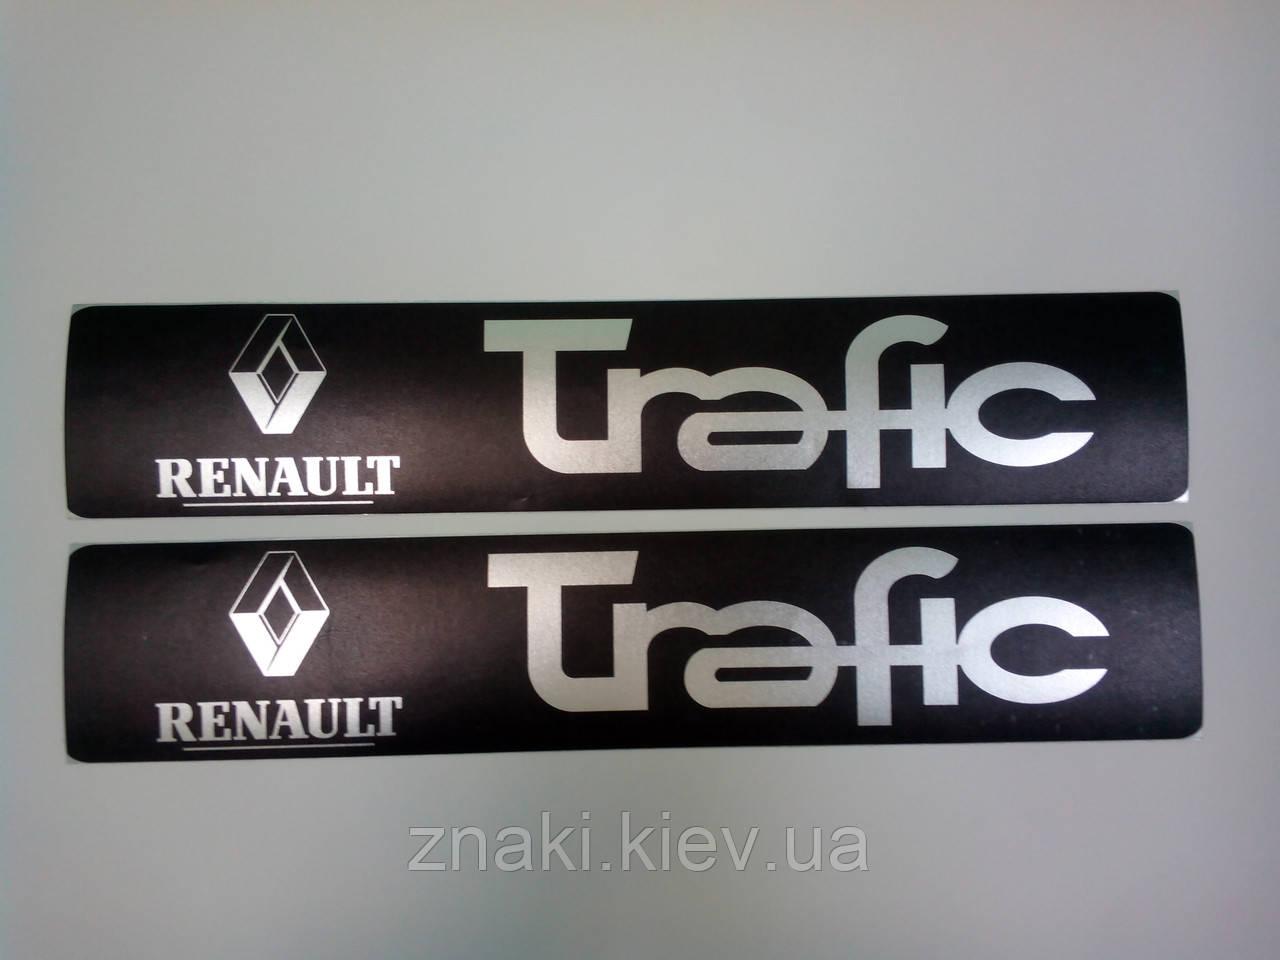 Накладки на пороги Renault trafic - Дорожные знаки, Дорожная разметка, Лежачие полицейские — «Бест Статус Компани» в Киеве